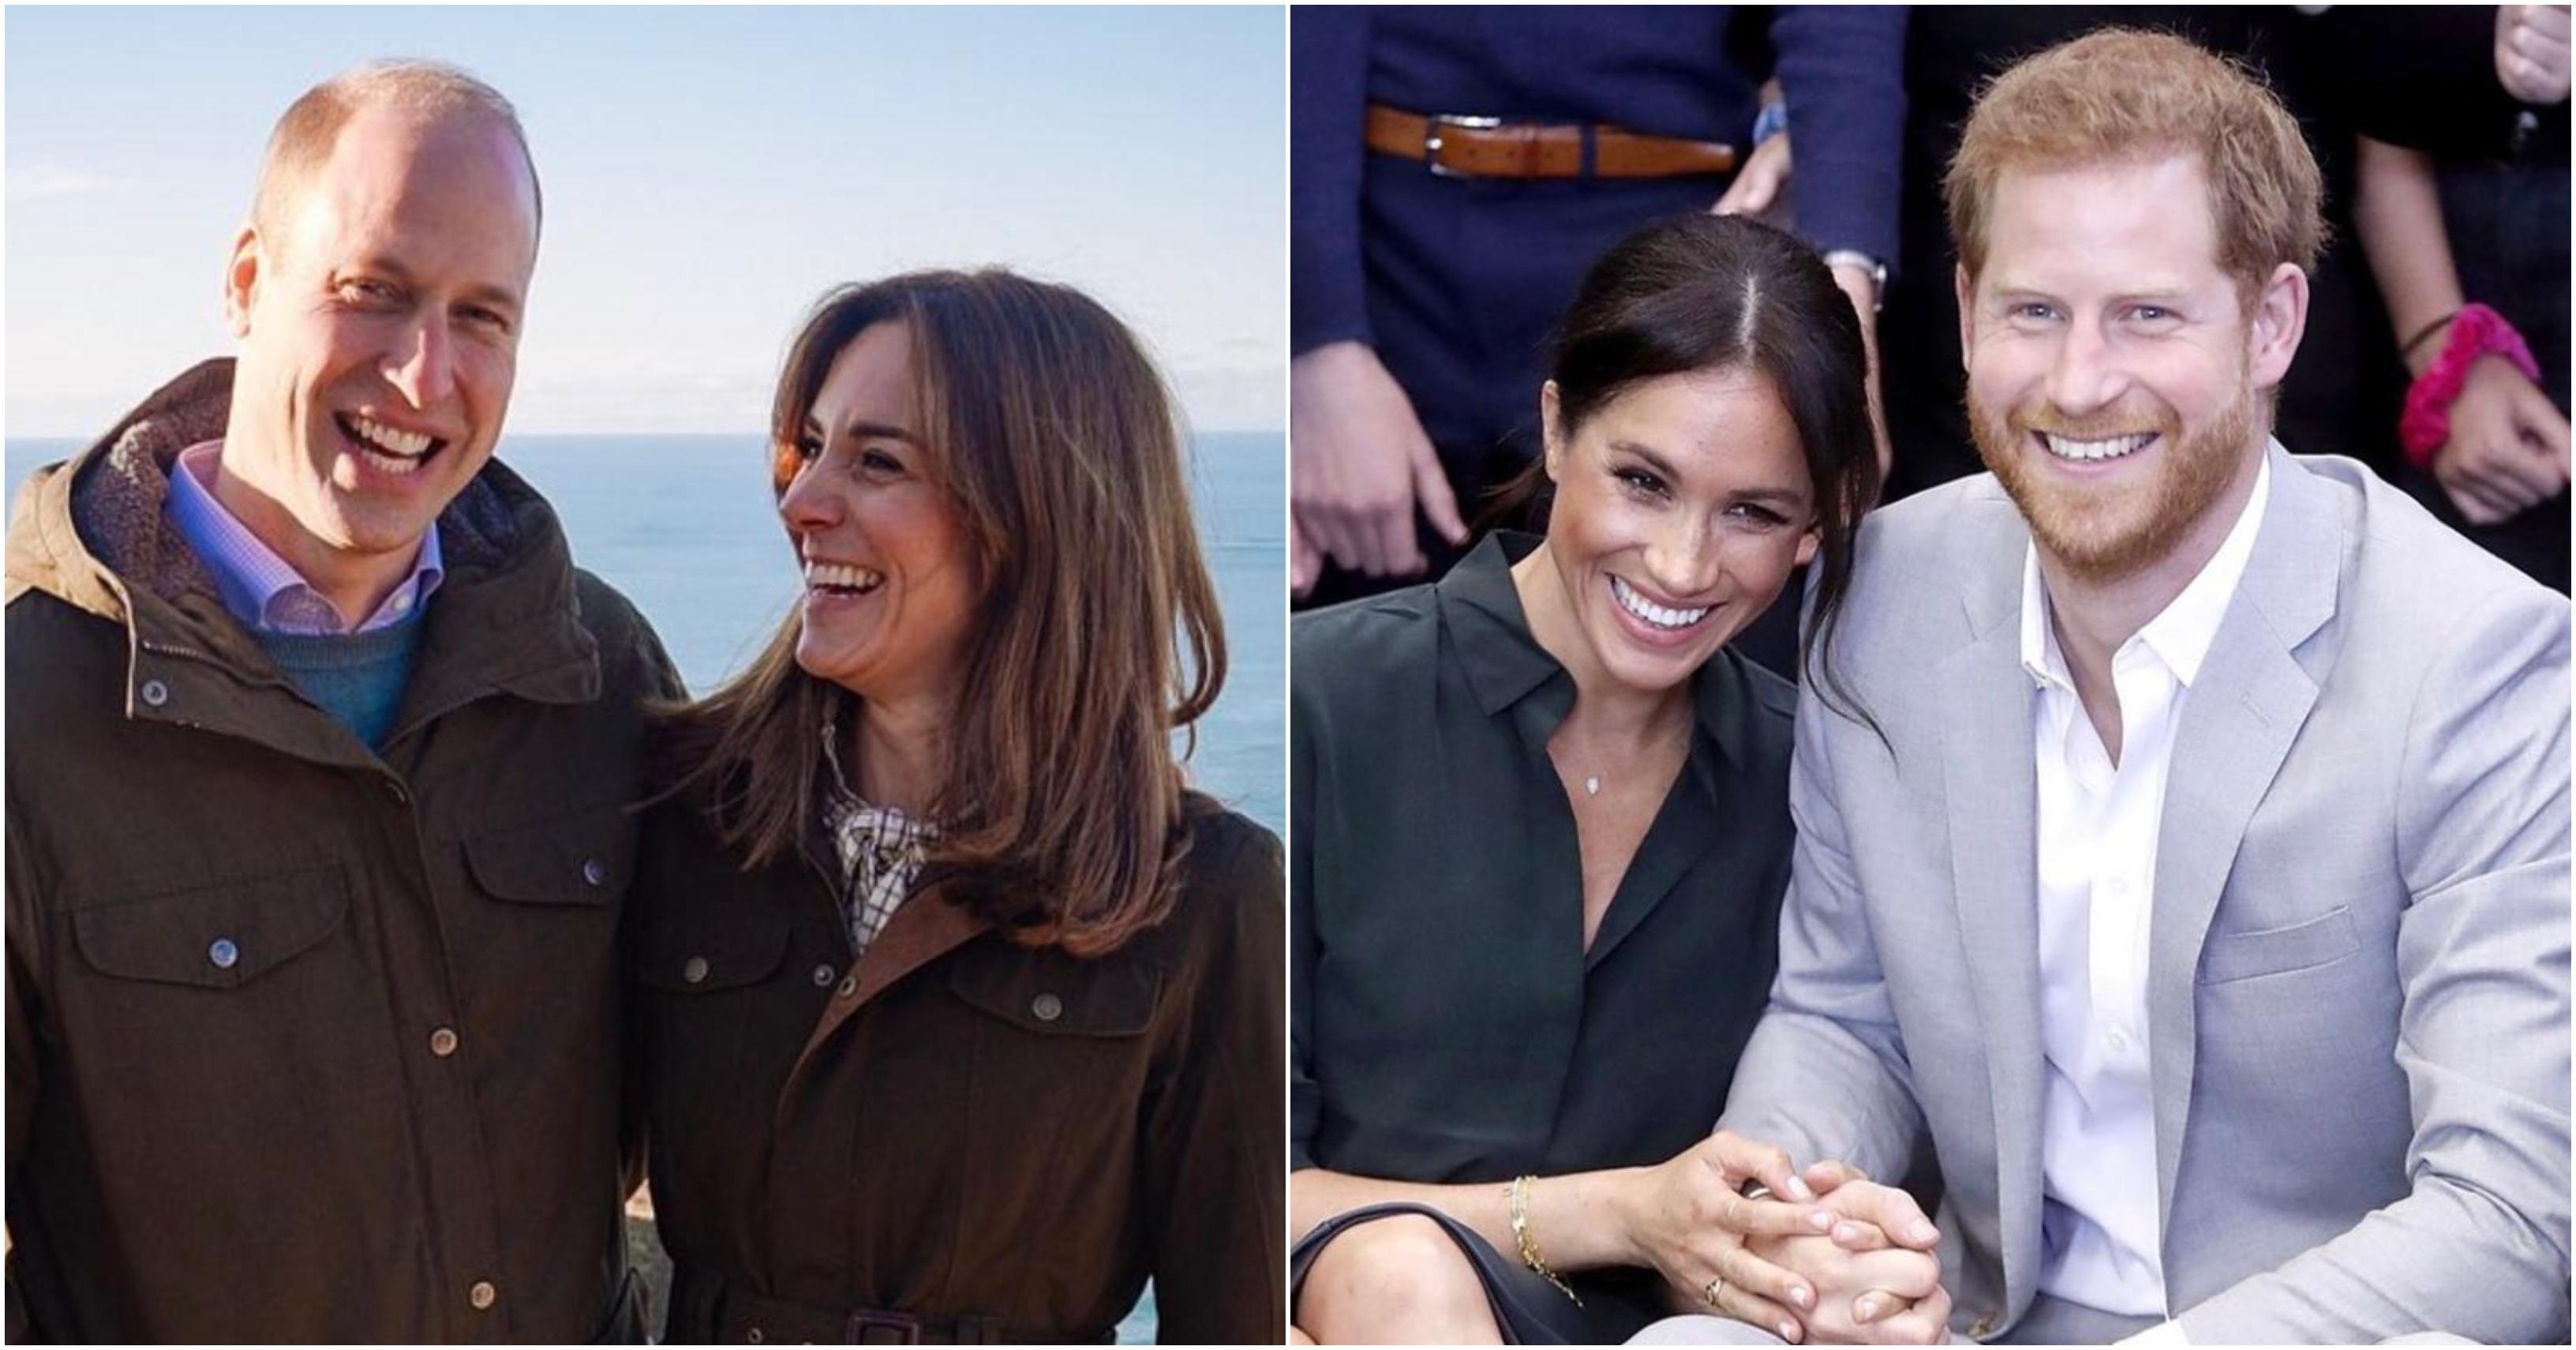 El drástico cambio que Kate Middleton y Guillermo han hecho tiene mucho que ver con Meghan y Harry